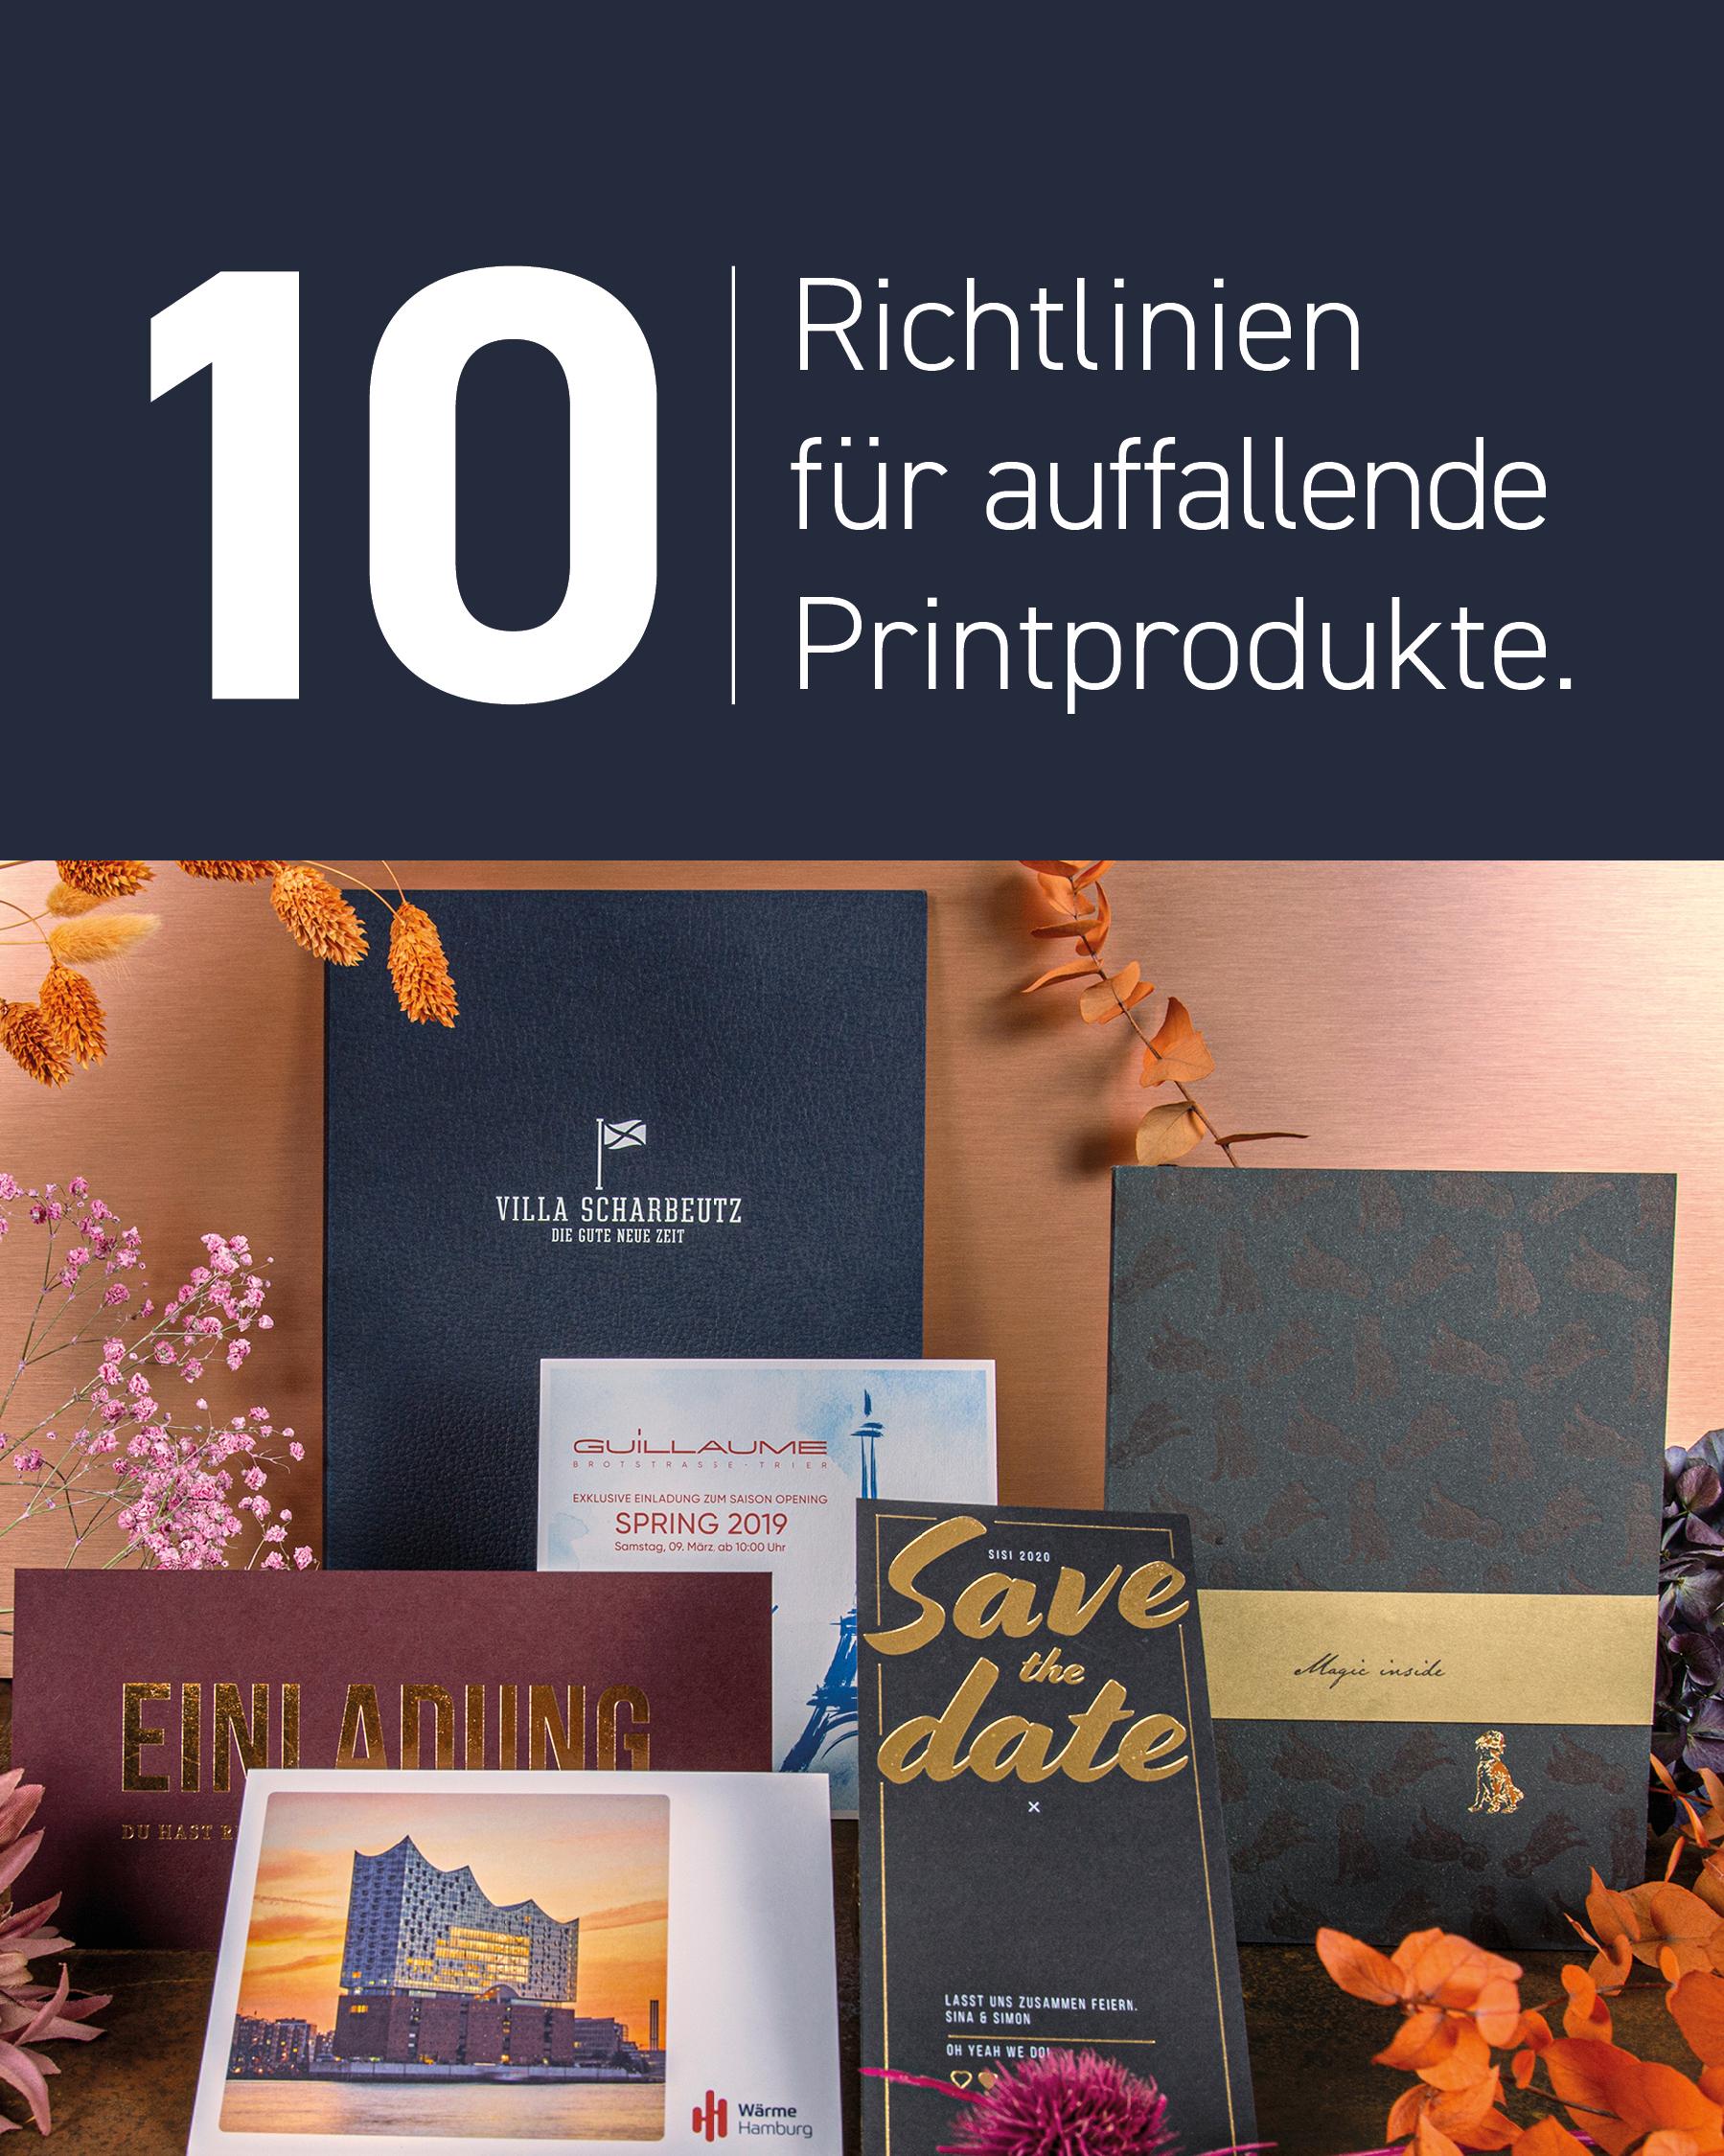 10 Richtlinien für auffallende Printprodukte Cover zwei